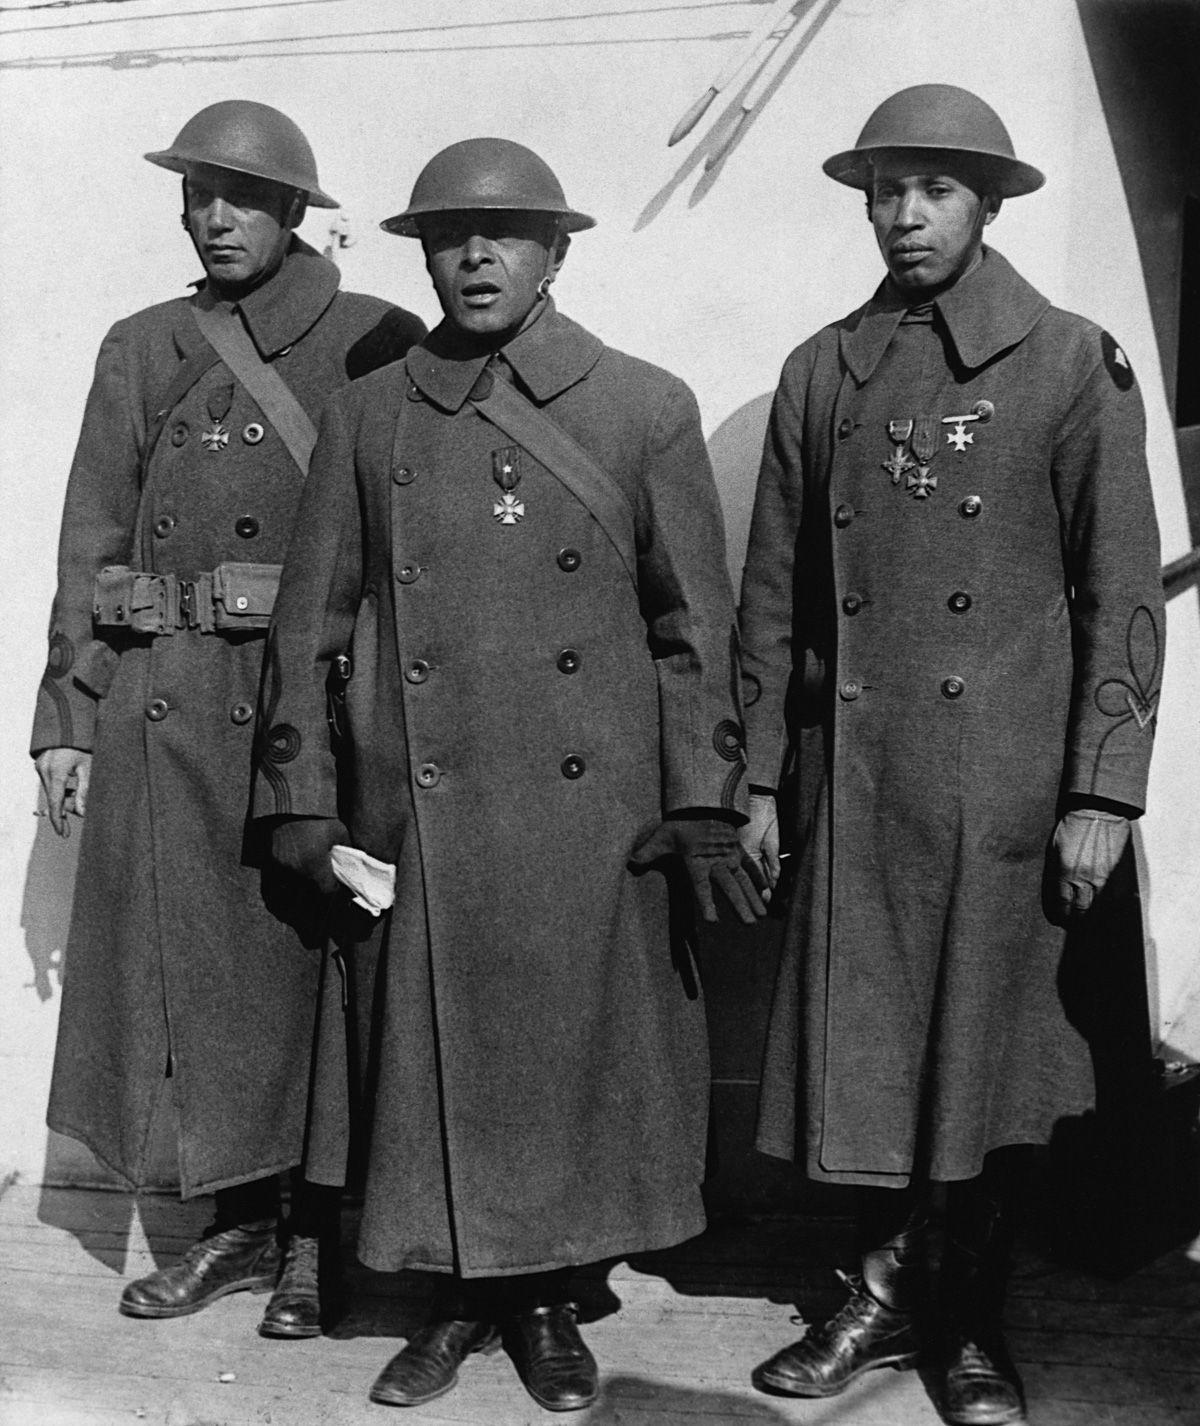 O regimento todo formado por negros na primeira guerra conhecido pela bravura apesar do preconceito 10